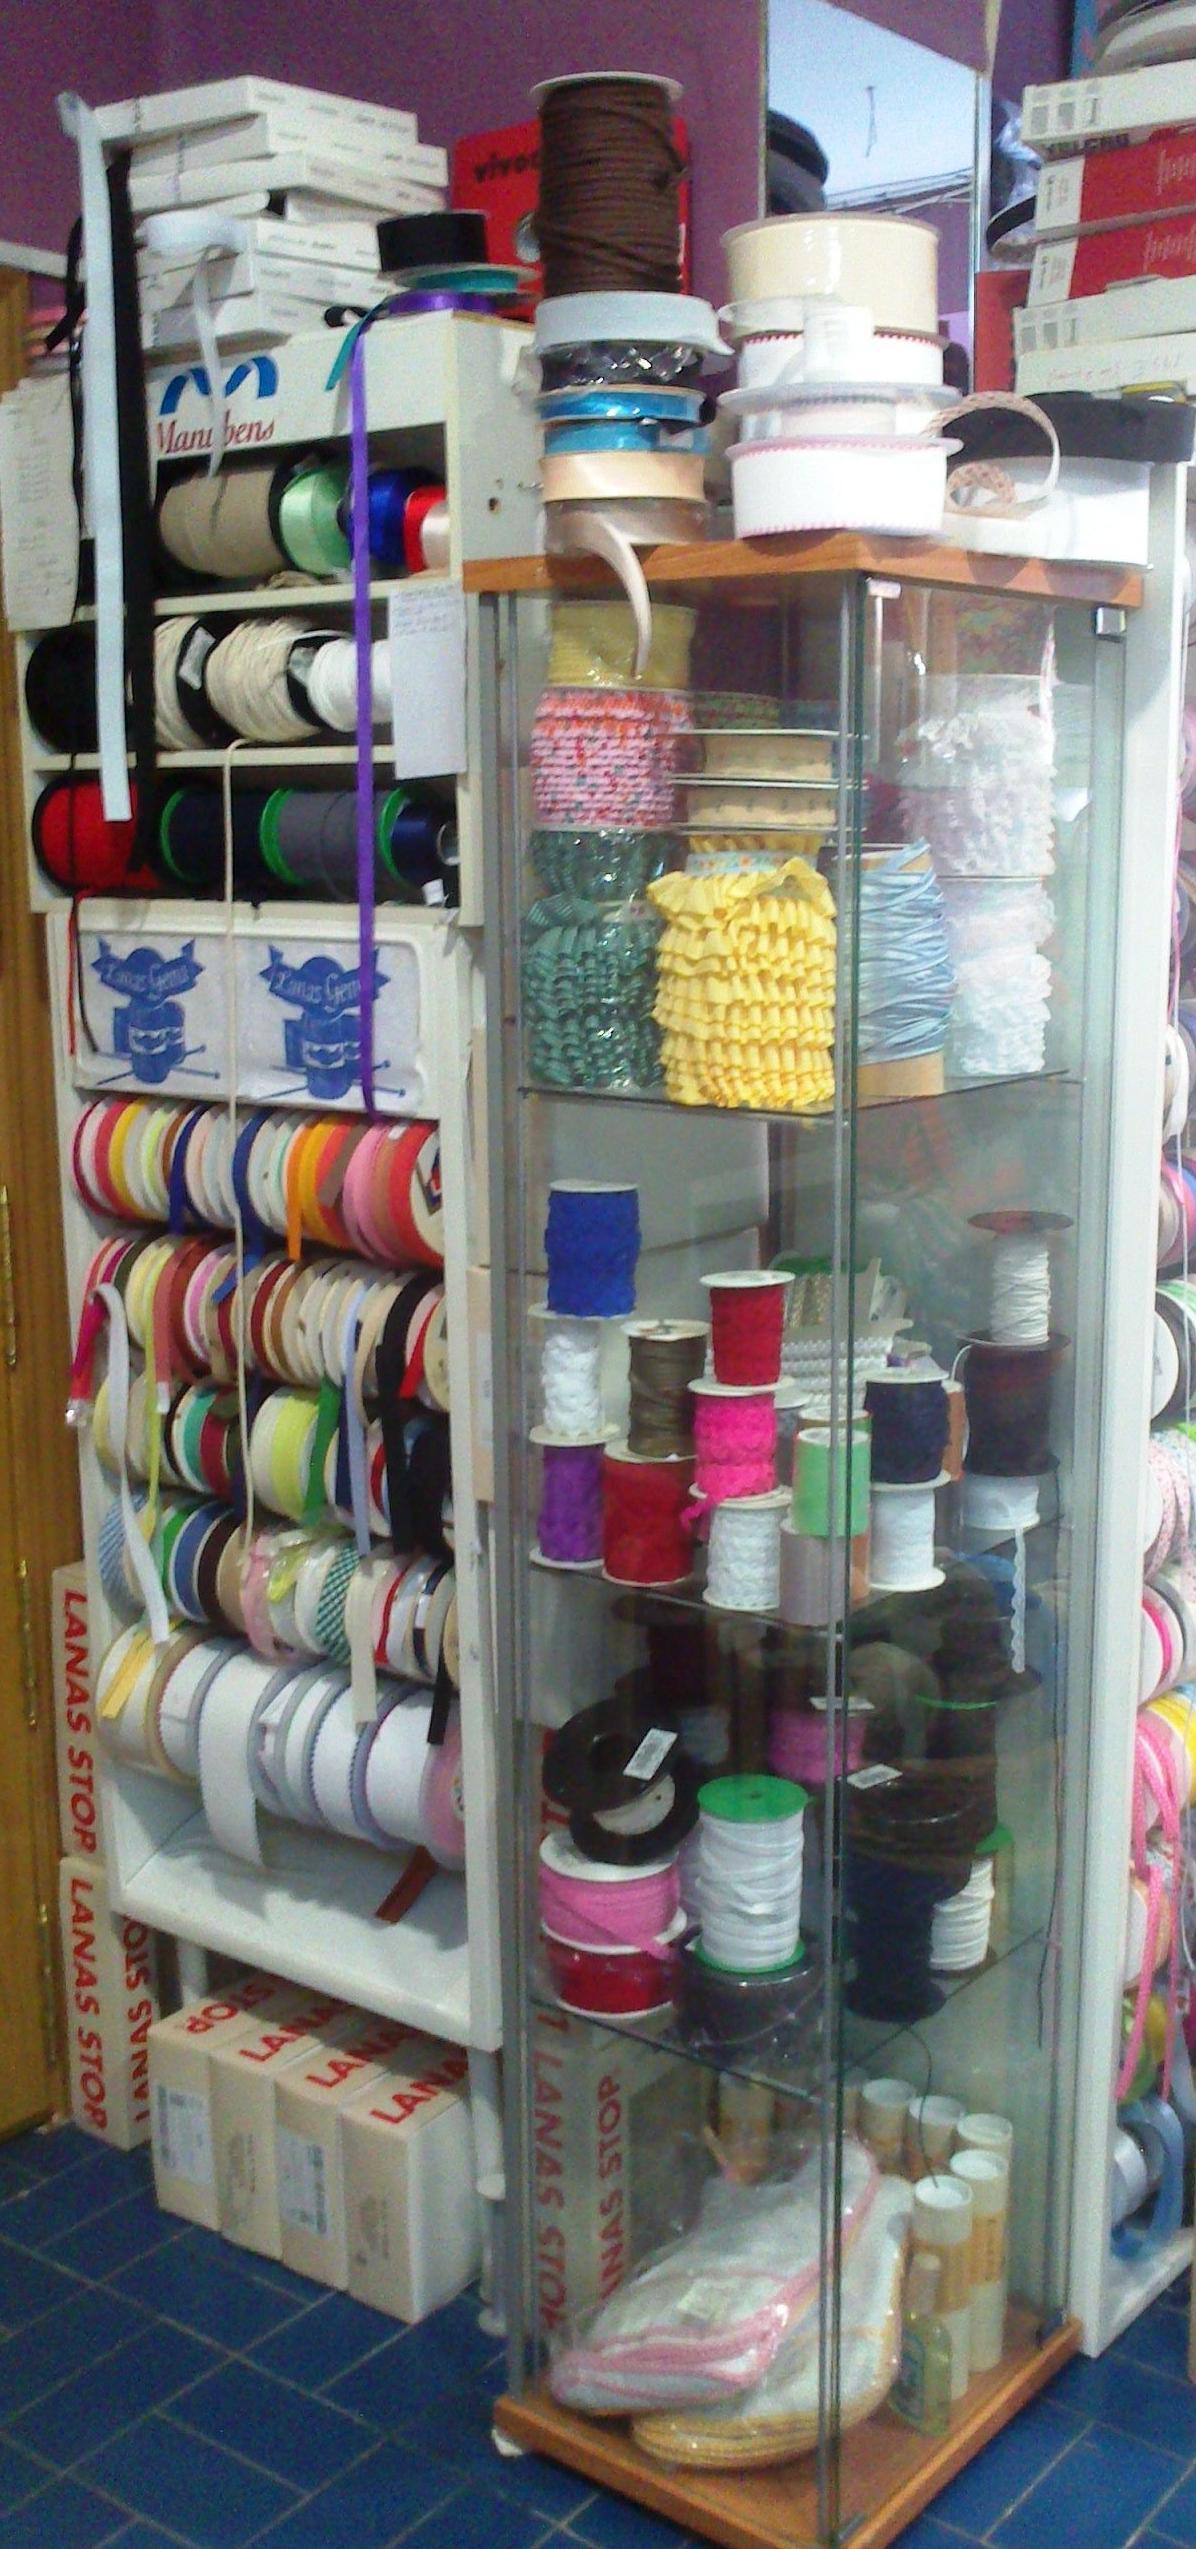 Marcas de lanas : Stop y Katia